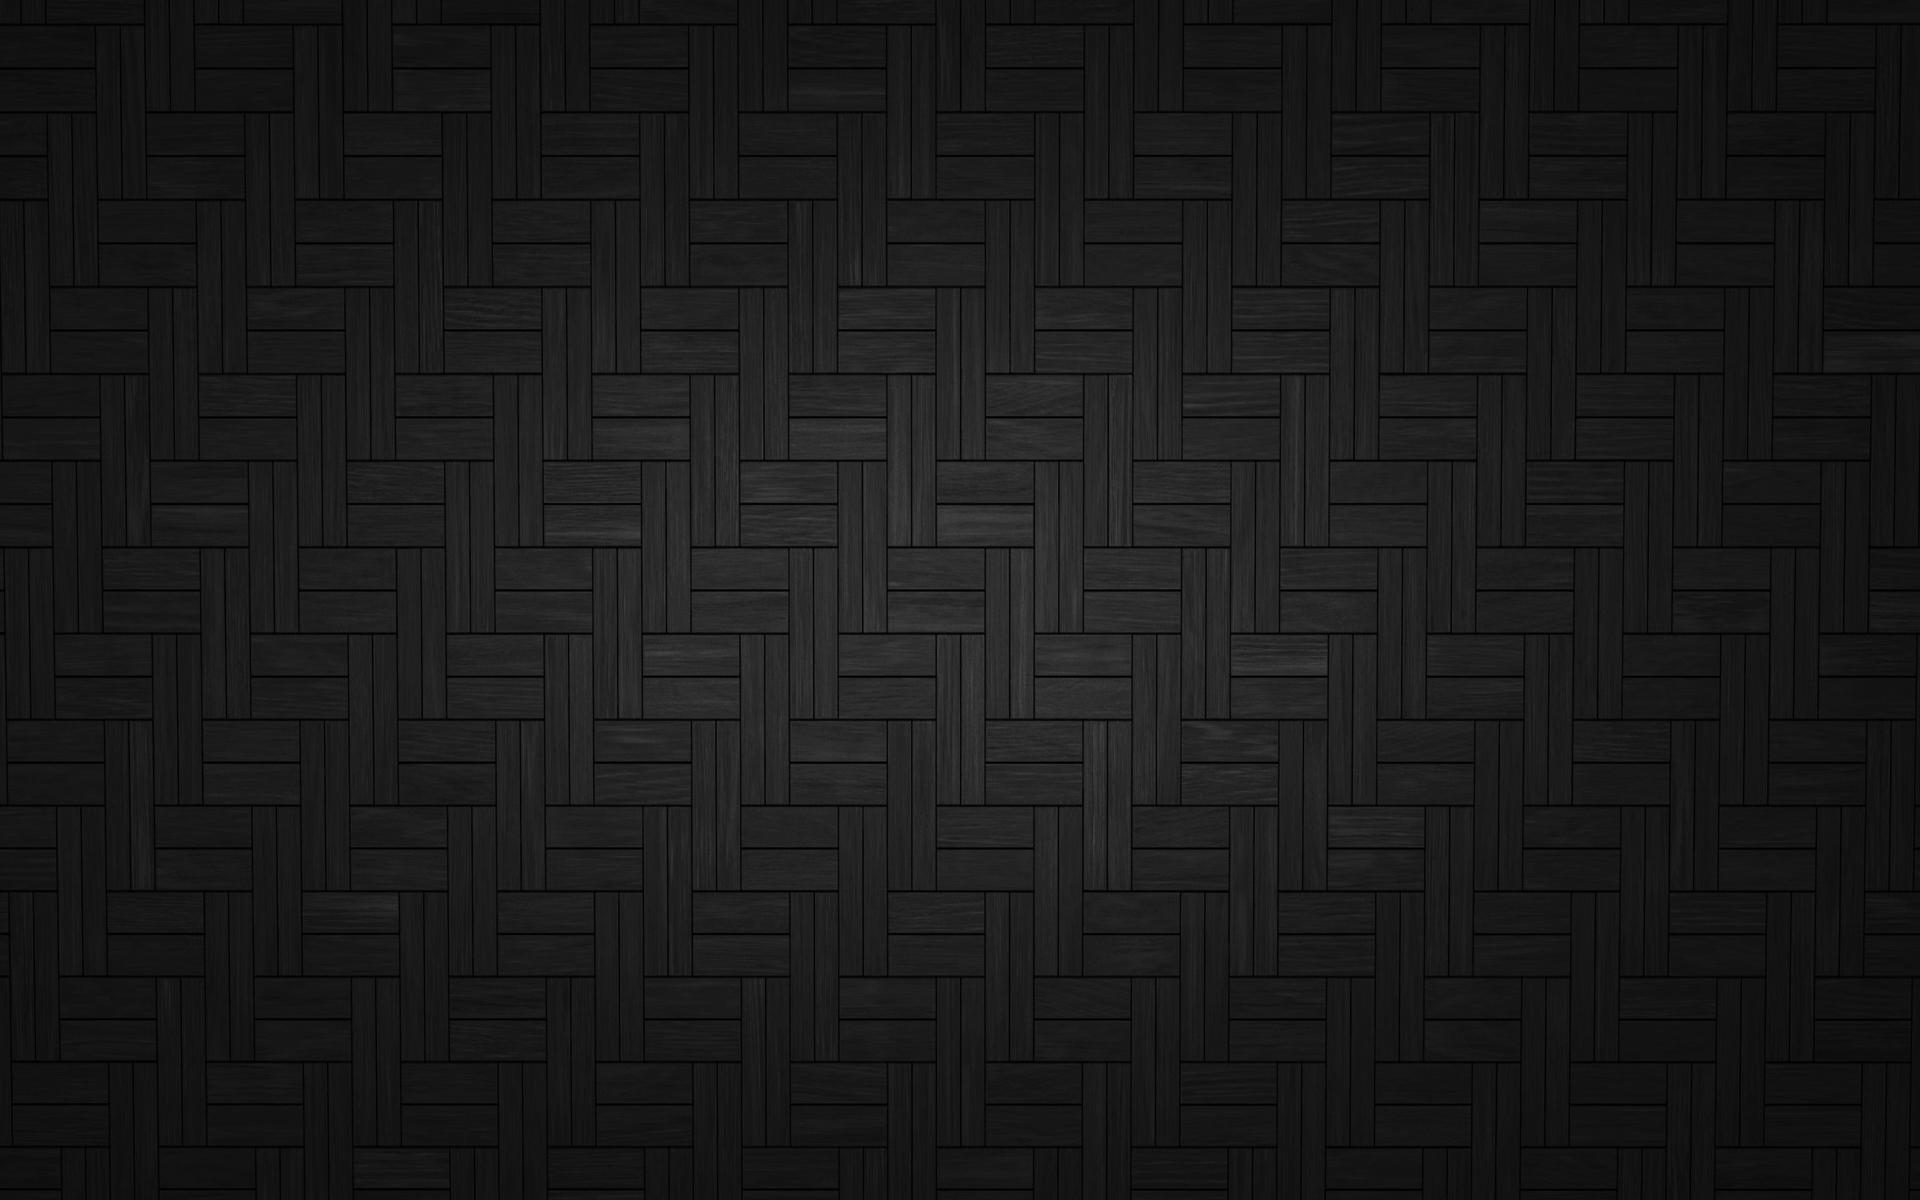 Black Picture